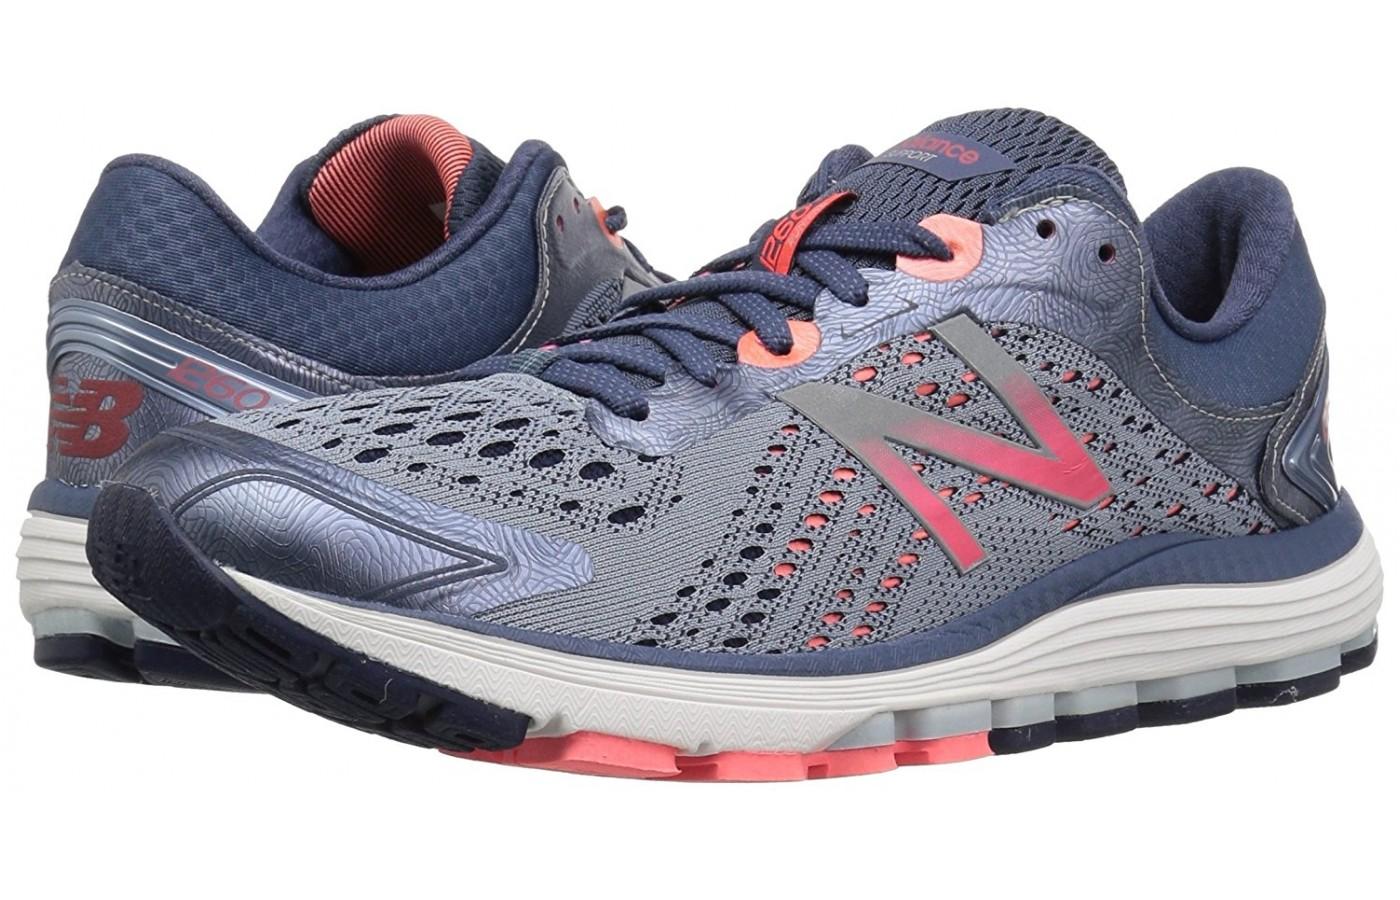 New Balance 1260 V7 pair